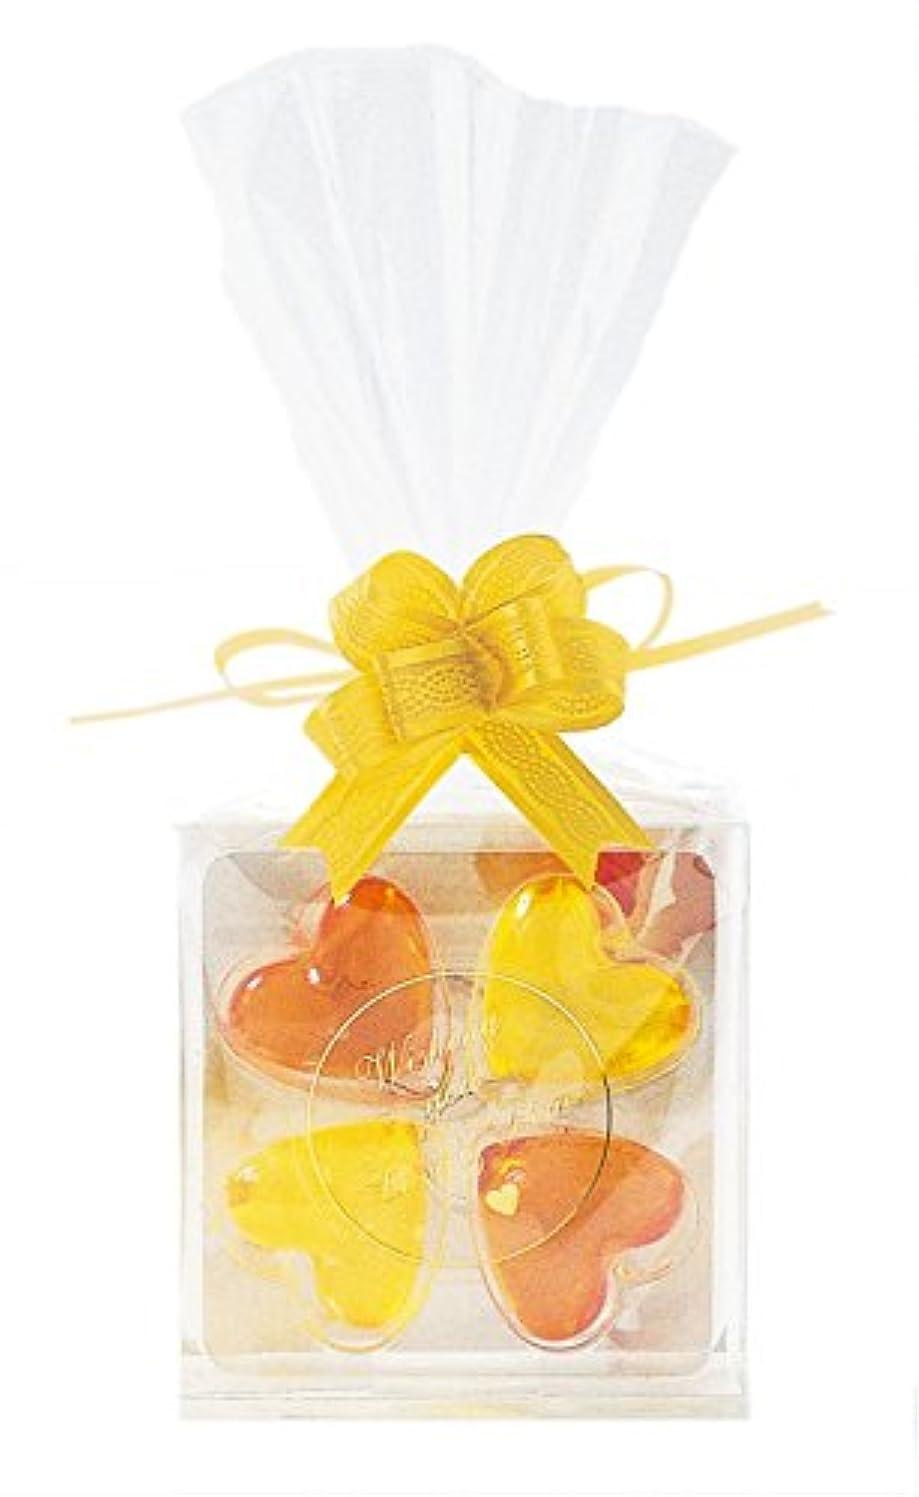 反発するアレンジ製造ジーピークリエイツ フォーチューンクローバー イエロー 入浴料セット(アプリコット、グレープフルーツ)